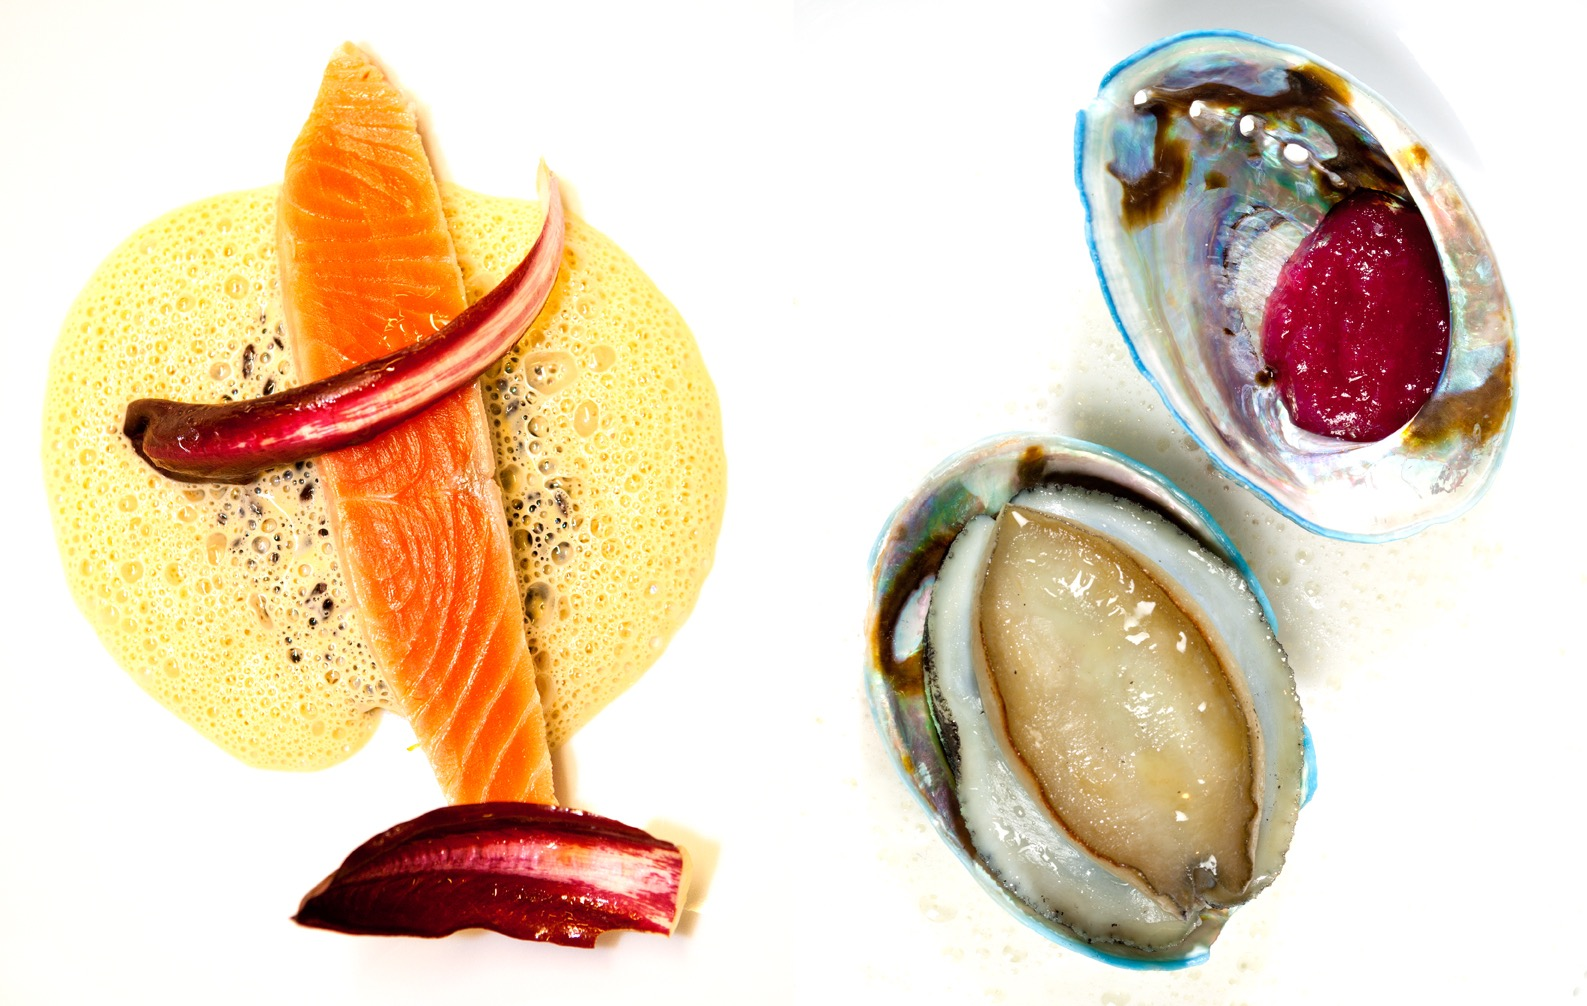 creation culinaire, jacky Ribault, chef proprietaire , restaurant Qui plume la lune, 1 etoile au guide Michelin,saumon chicoree & ormeau et sa compotee d'oignon rouge, ©Alban Couturier